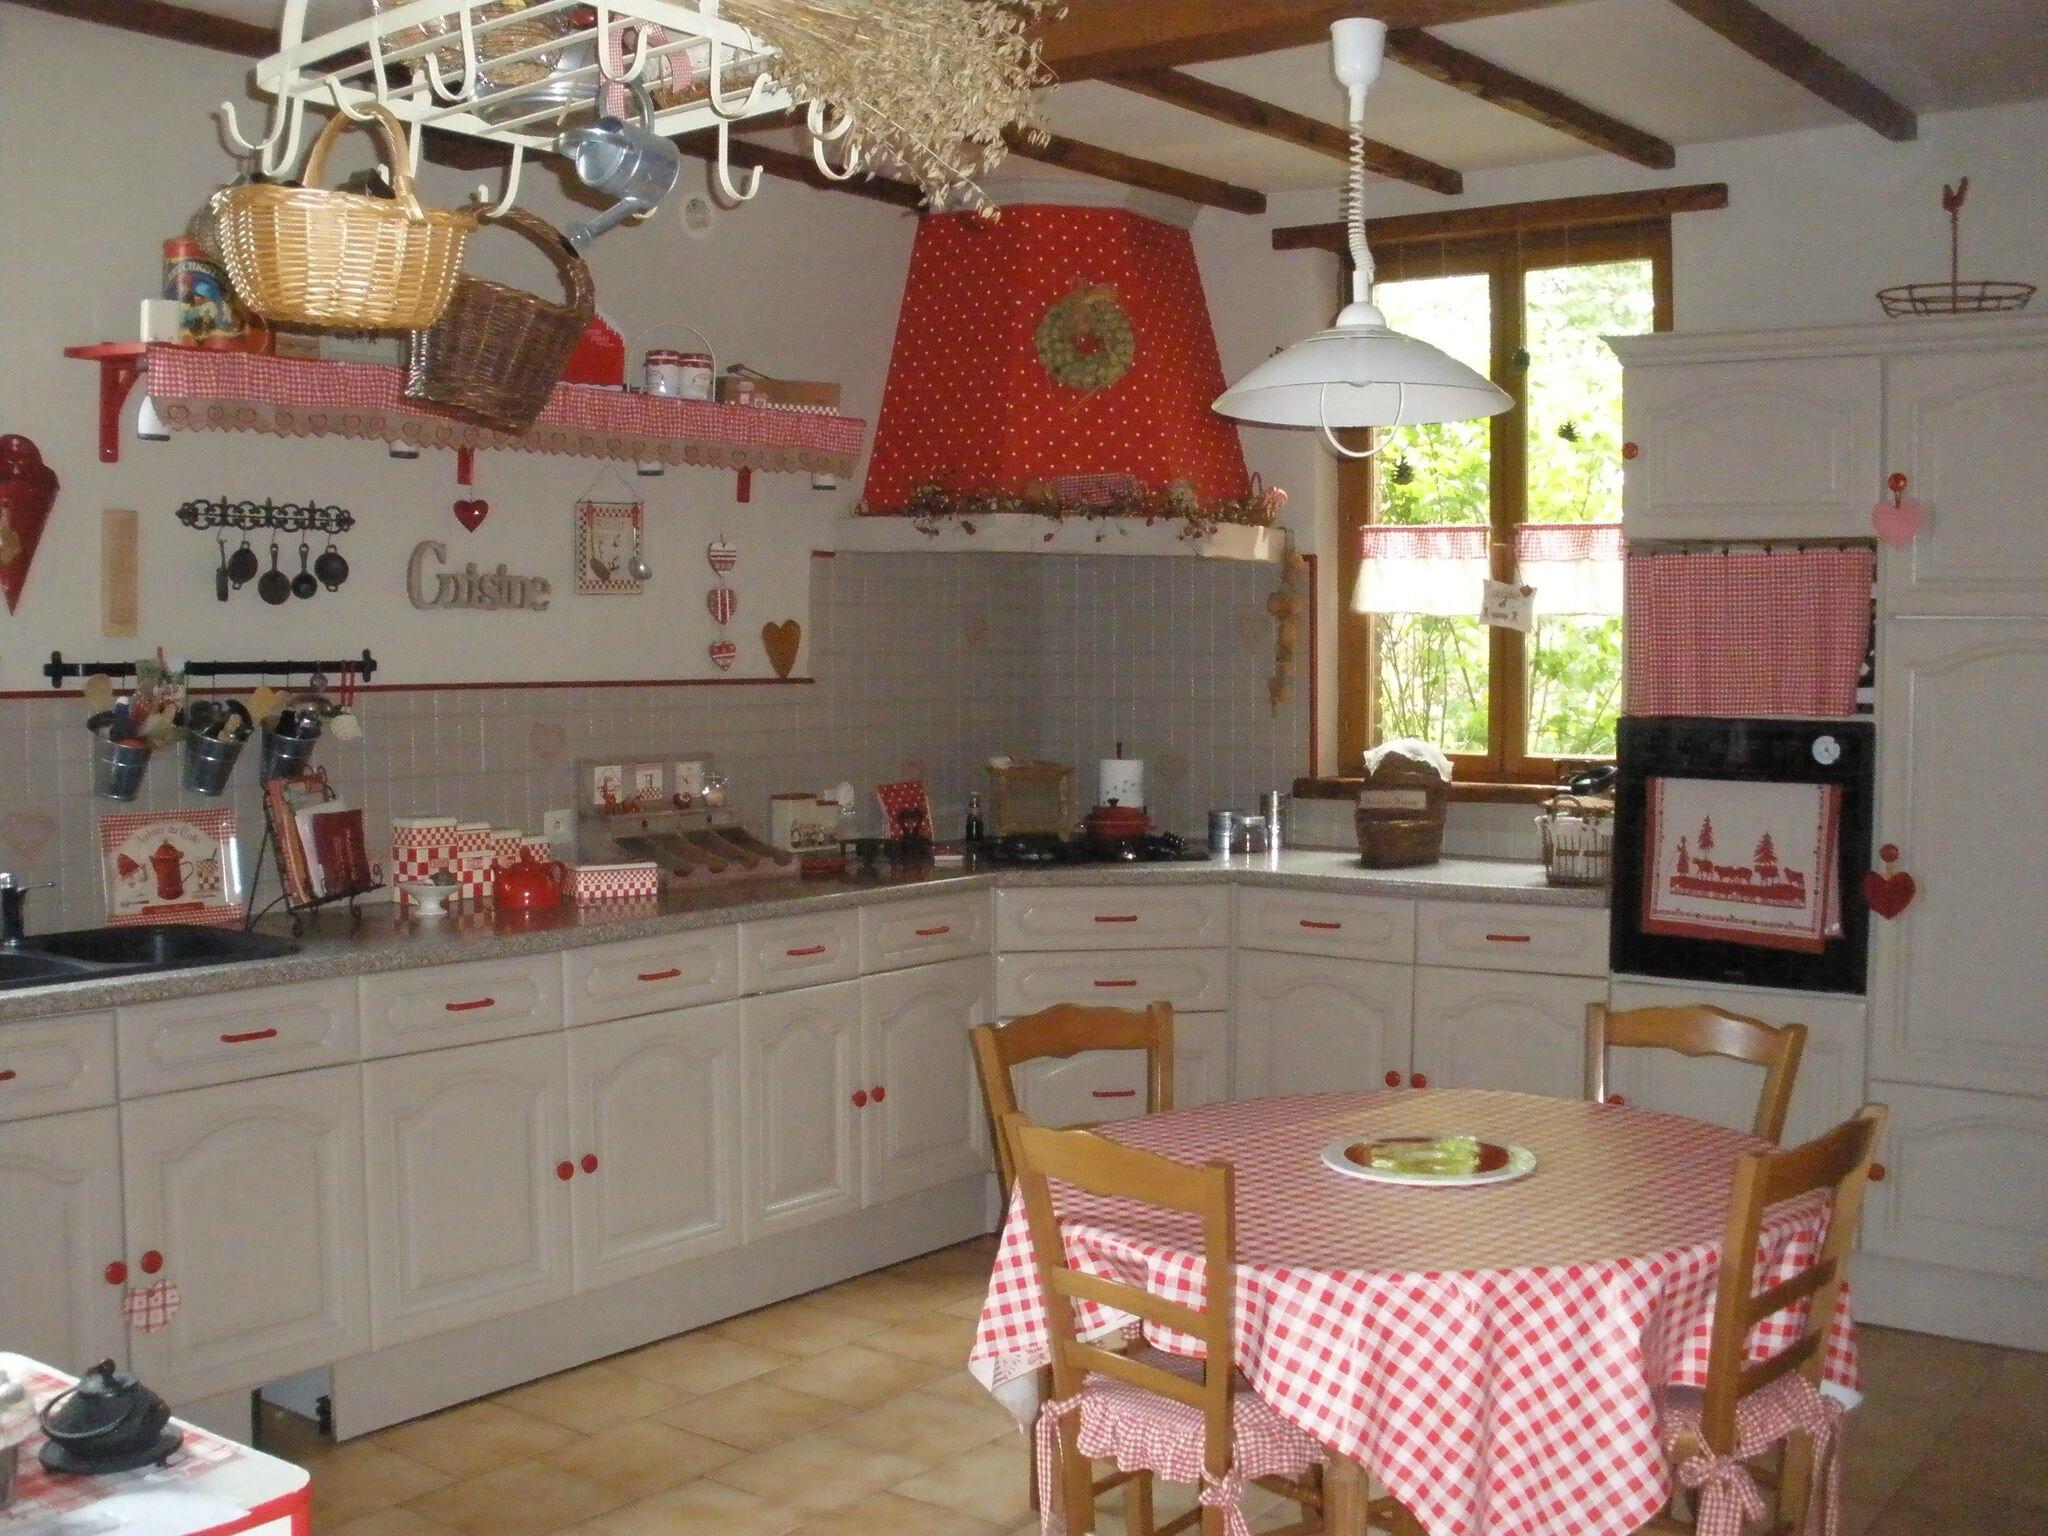 Cuisine savoyarde relooke cuisine meubles et objets - Decoration carrelage mural cuisine ...